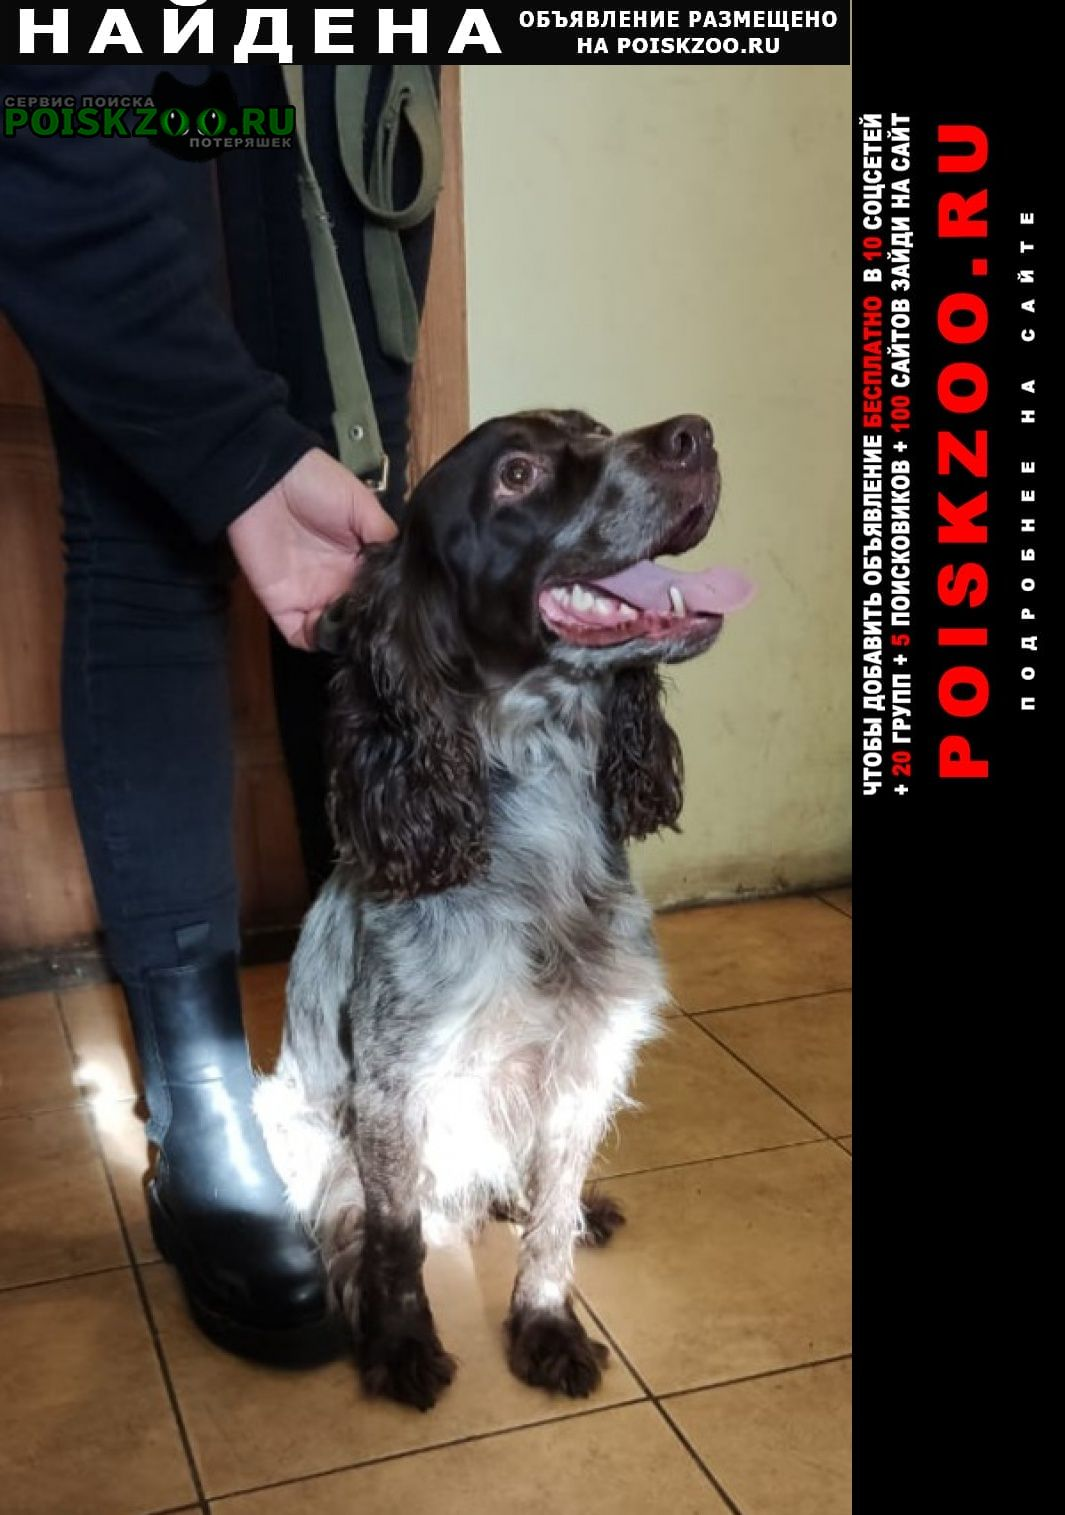 Найдена собака спаниель Санкт-Петербург